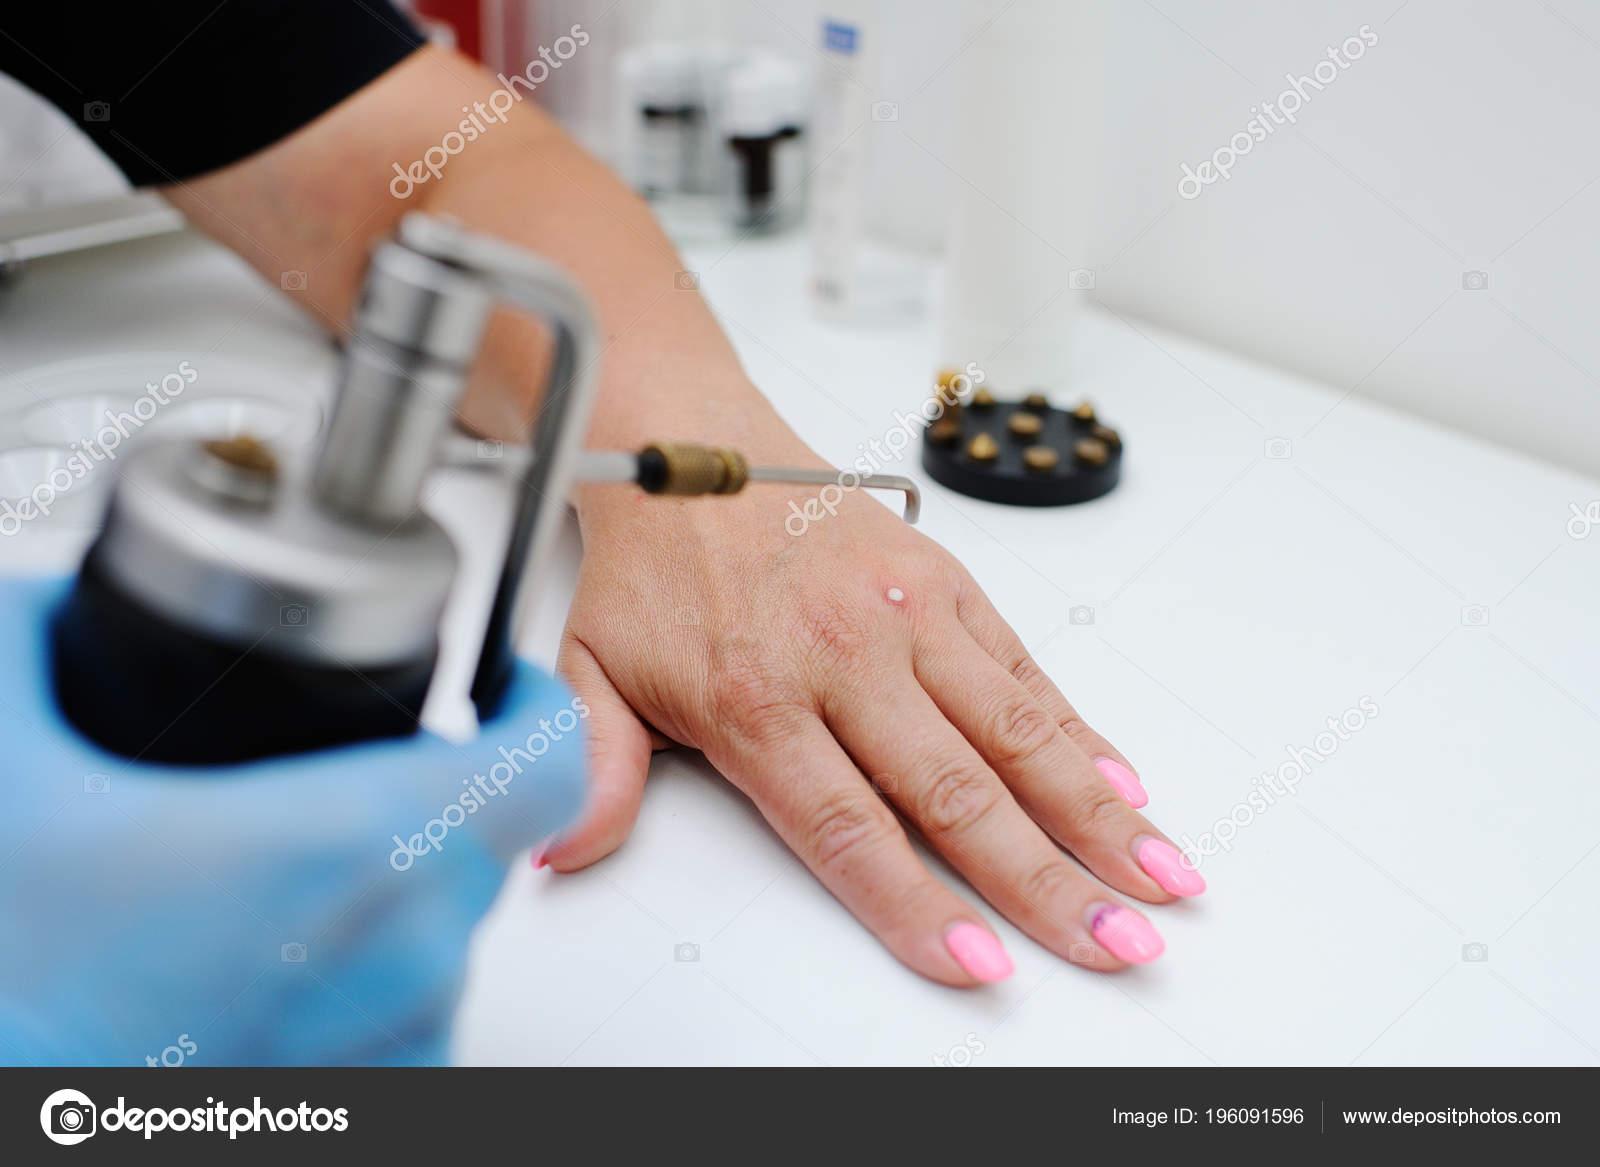 Удаление бородавок в дерматологической клинике — Стоковое фото ...